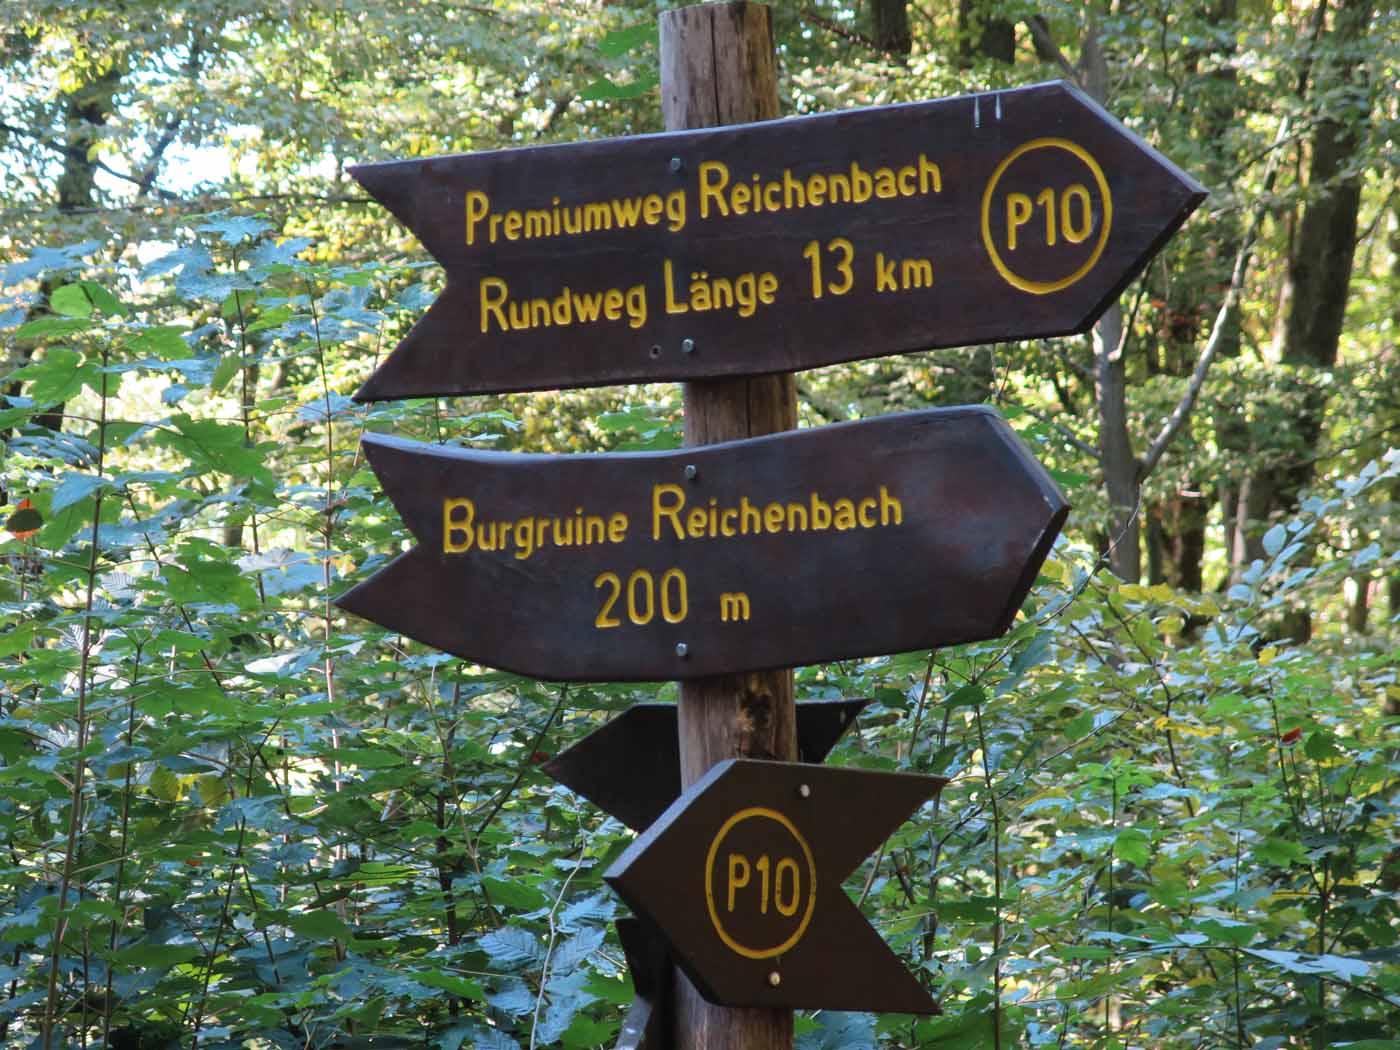 Rund um Reichenbach 9.10.16